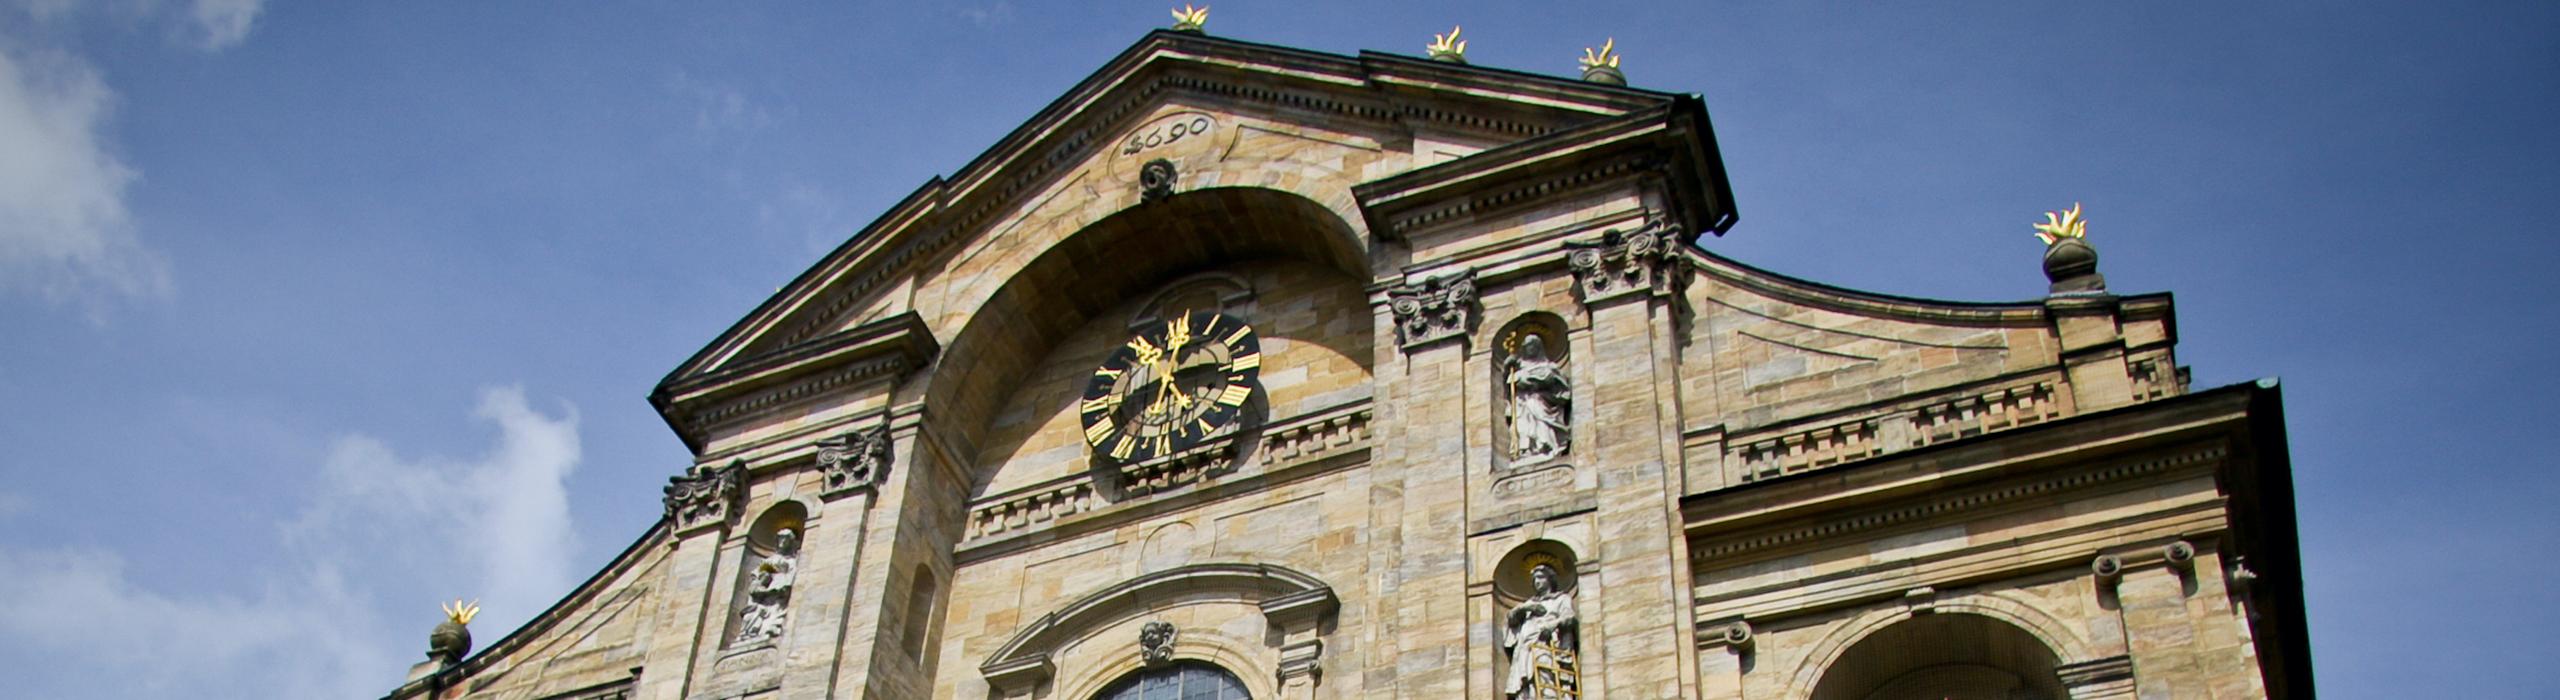 St. Martin / Bamberg